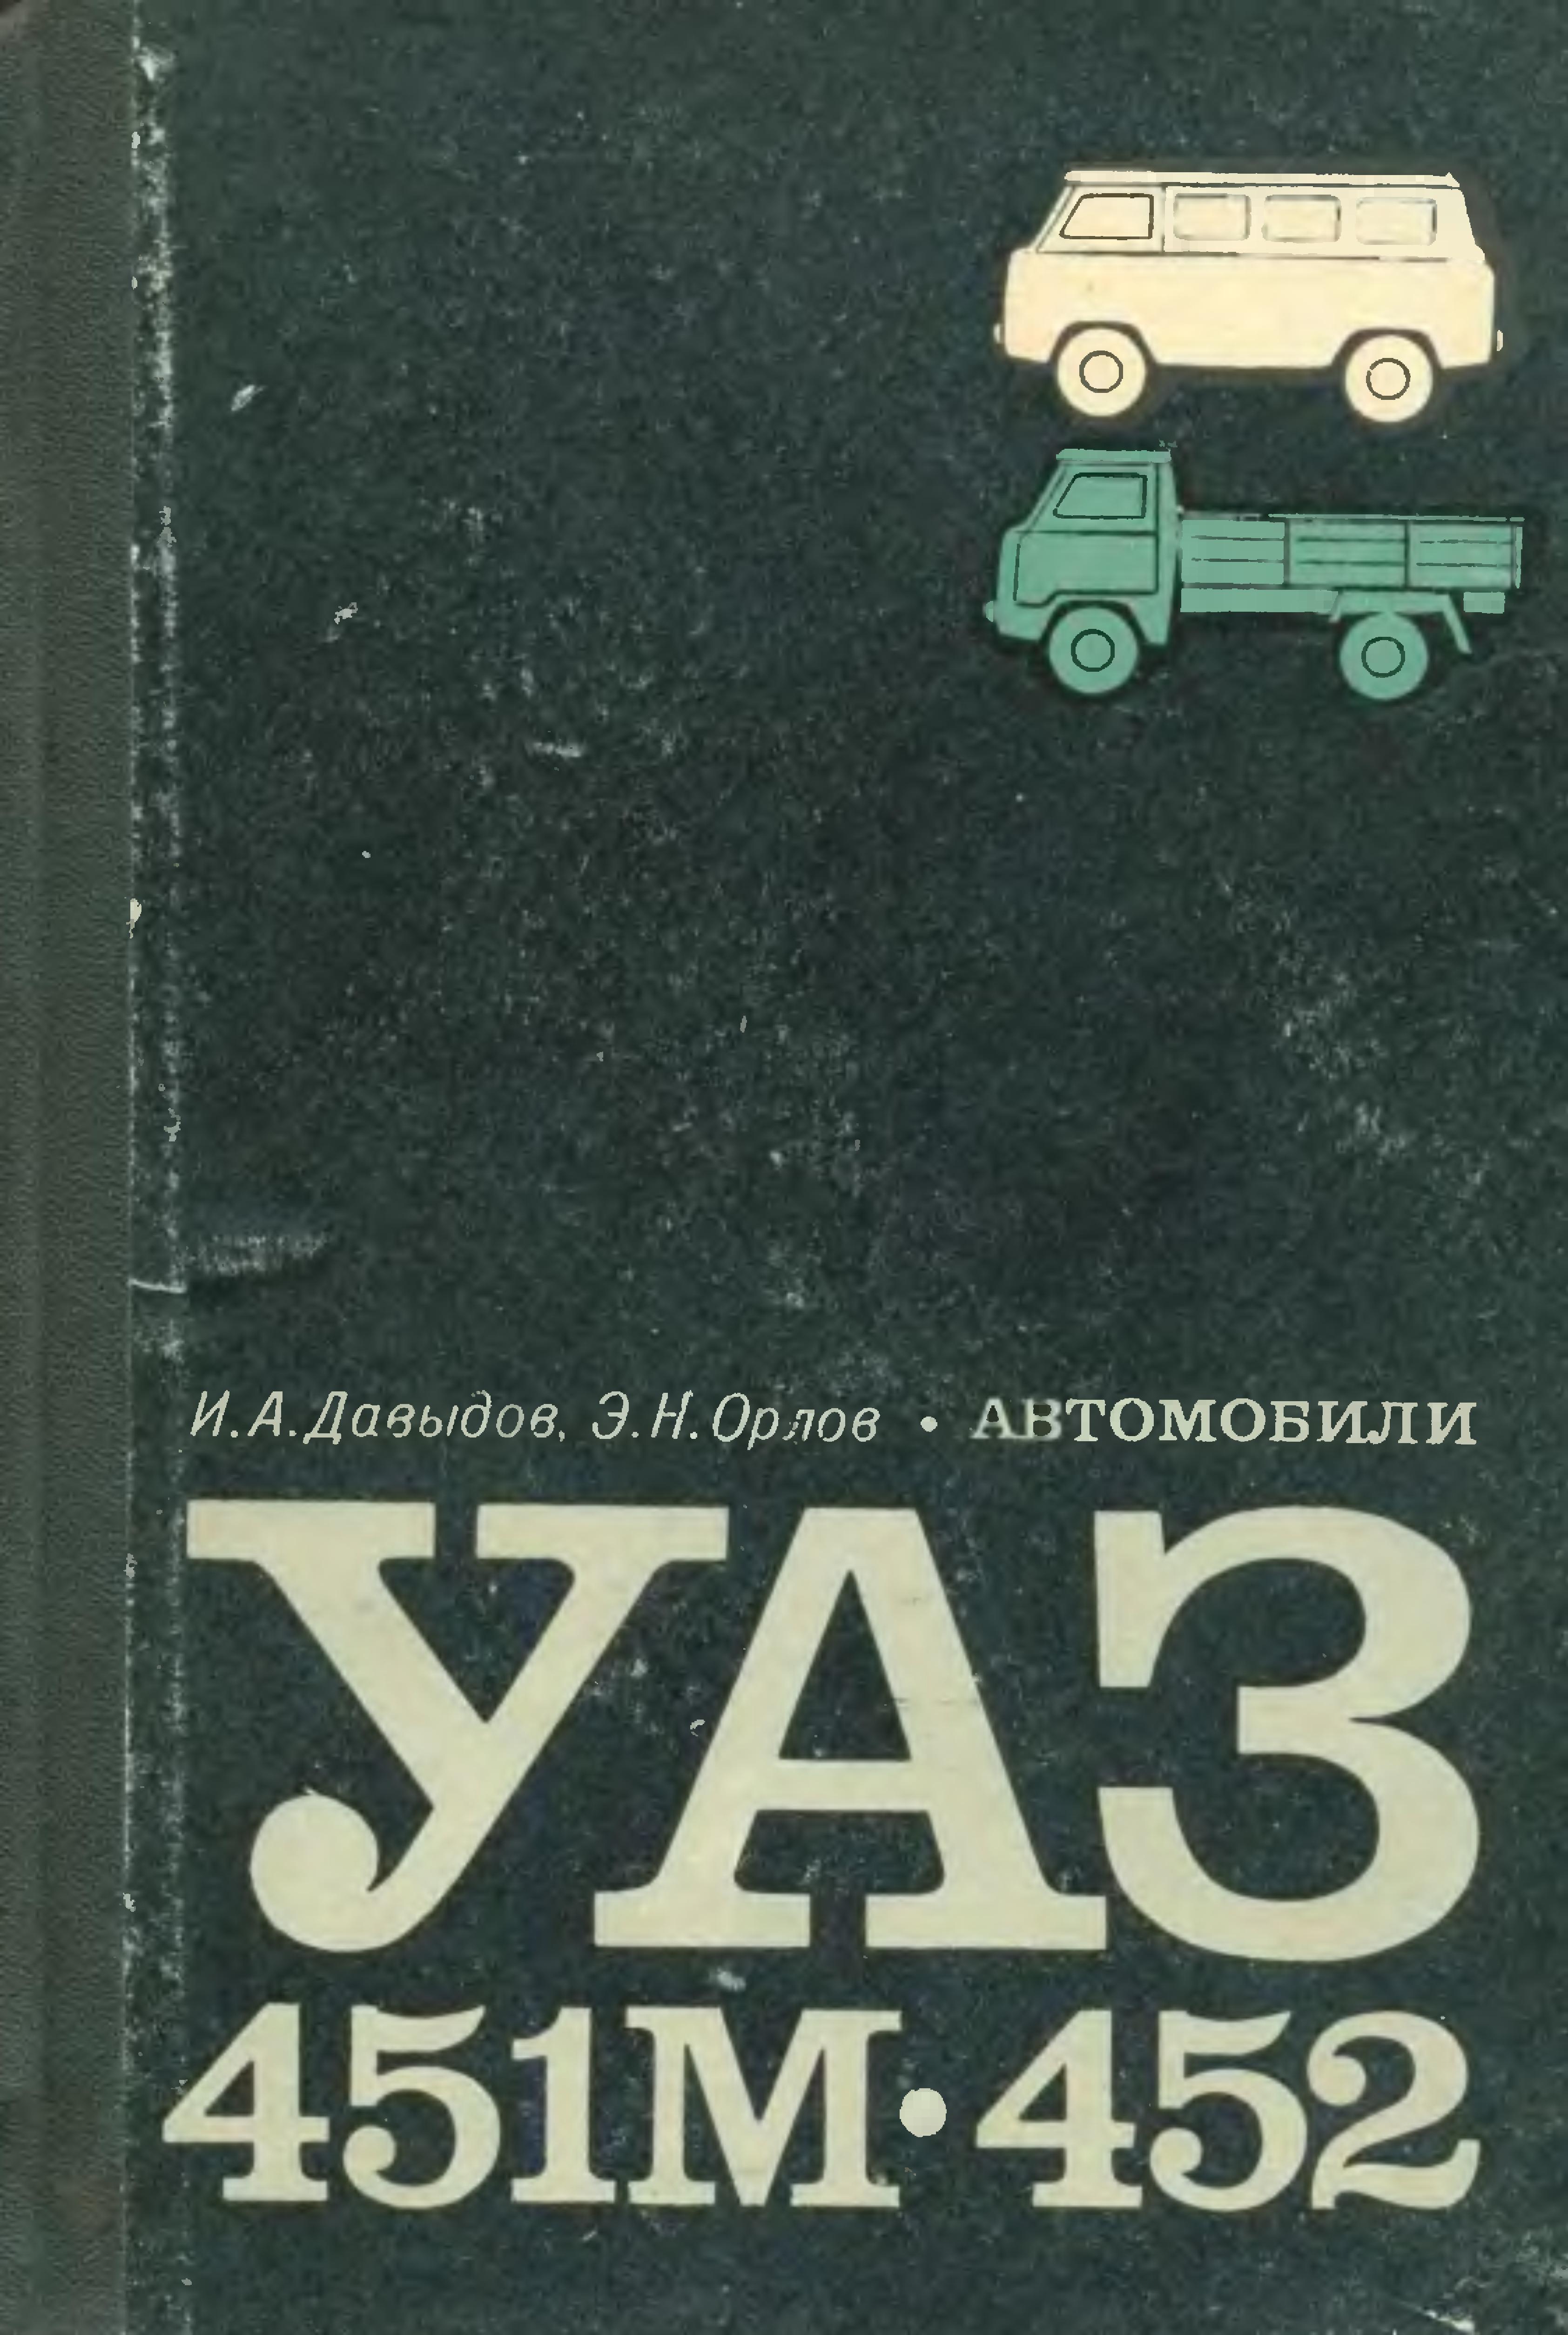 Уаз 3303 бортовой руководство по эксплуатации